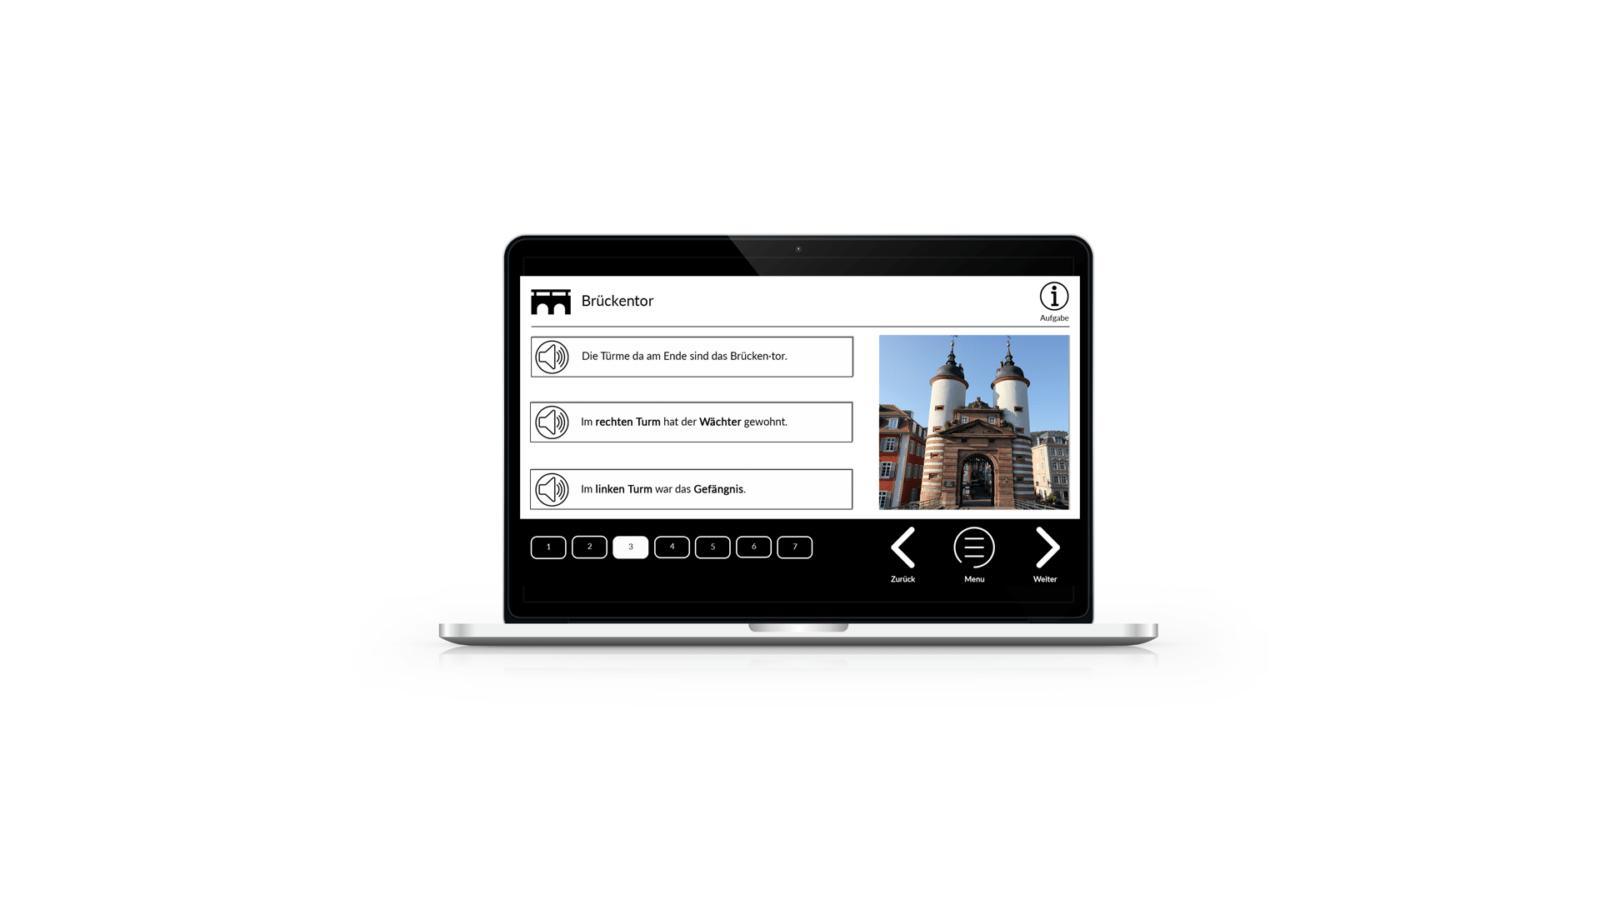 Man sieht einen Laptop. Auf dem Bildschirm ist eine Inhaltsfolie des Stadtfuehrer Heidelberg 1 zu sehen.